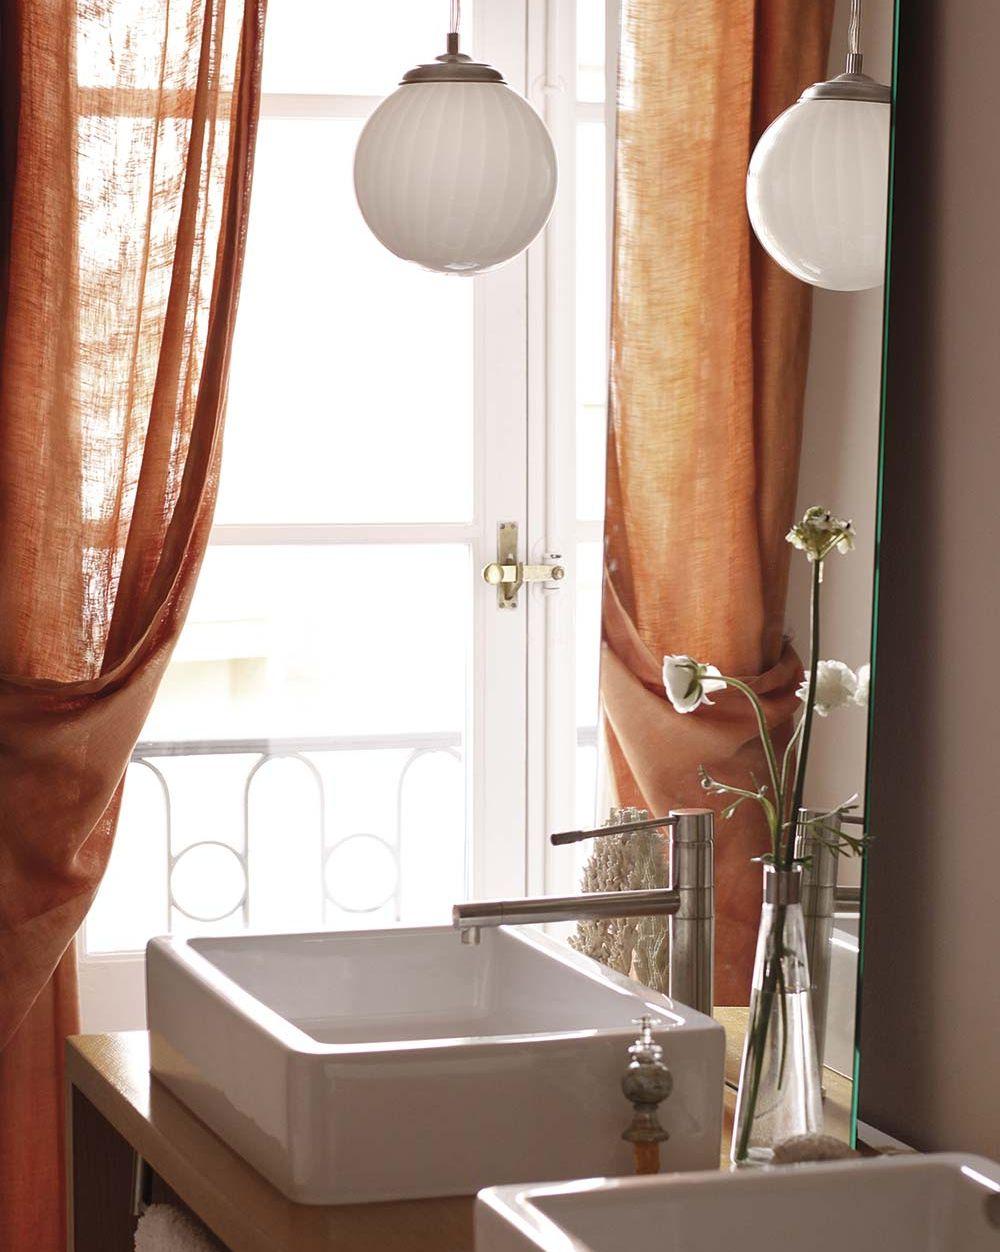 Lámparas: lámpara globo en el baño